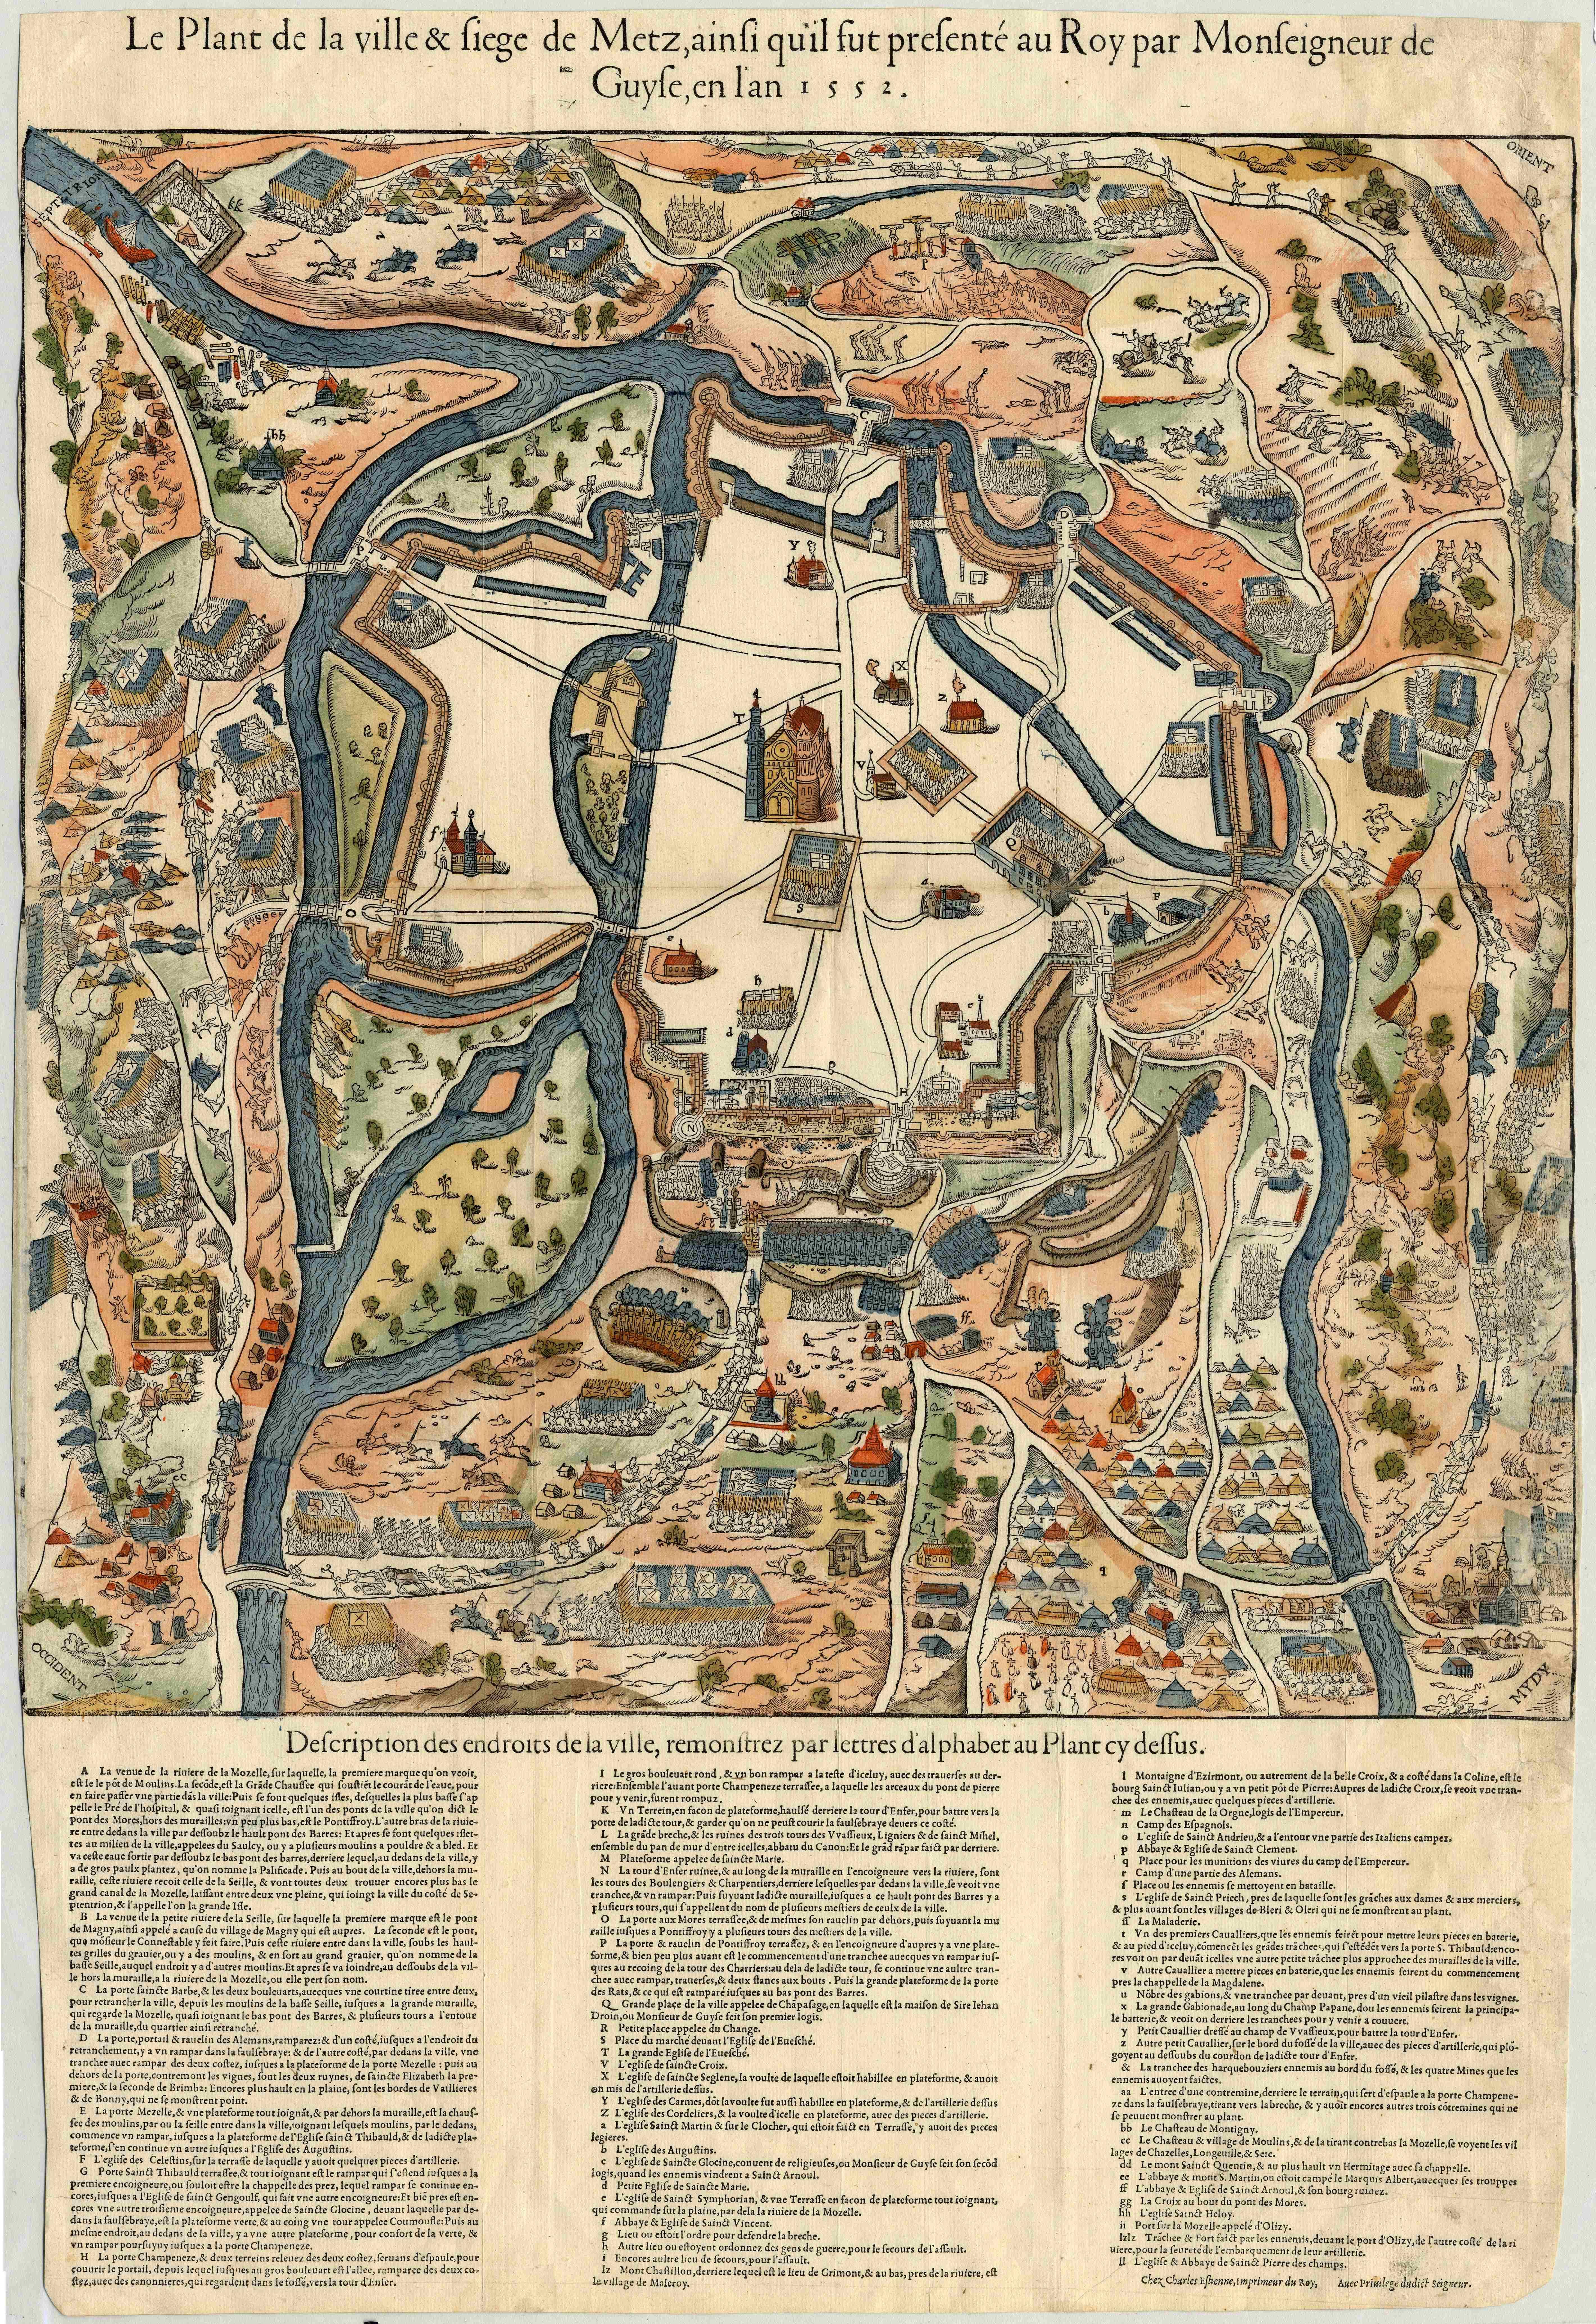 Contenu du Plan de la ville & siège de Metz, ainsi qu'il fut présenté au roy par Monseigneur de Guyse, en l'an 1552